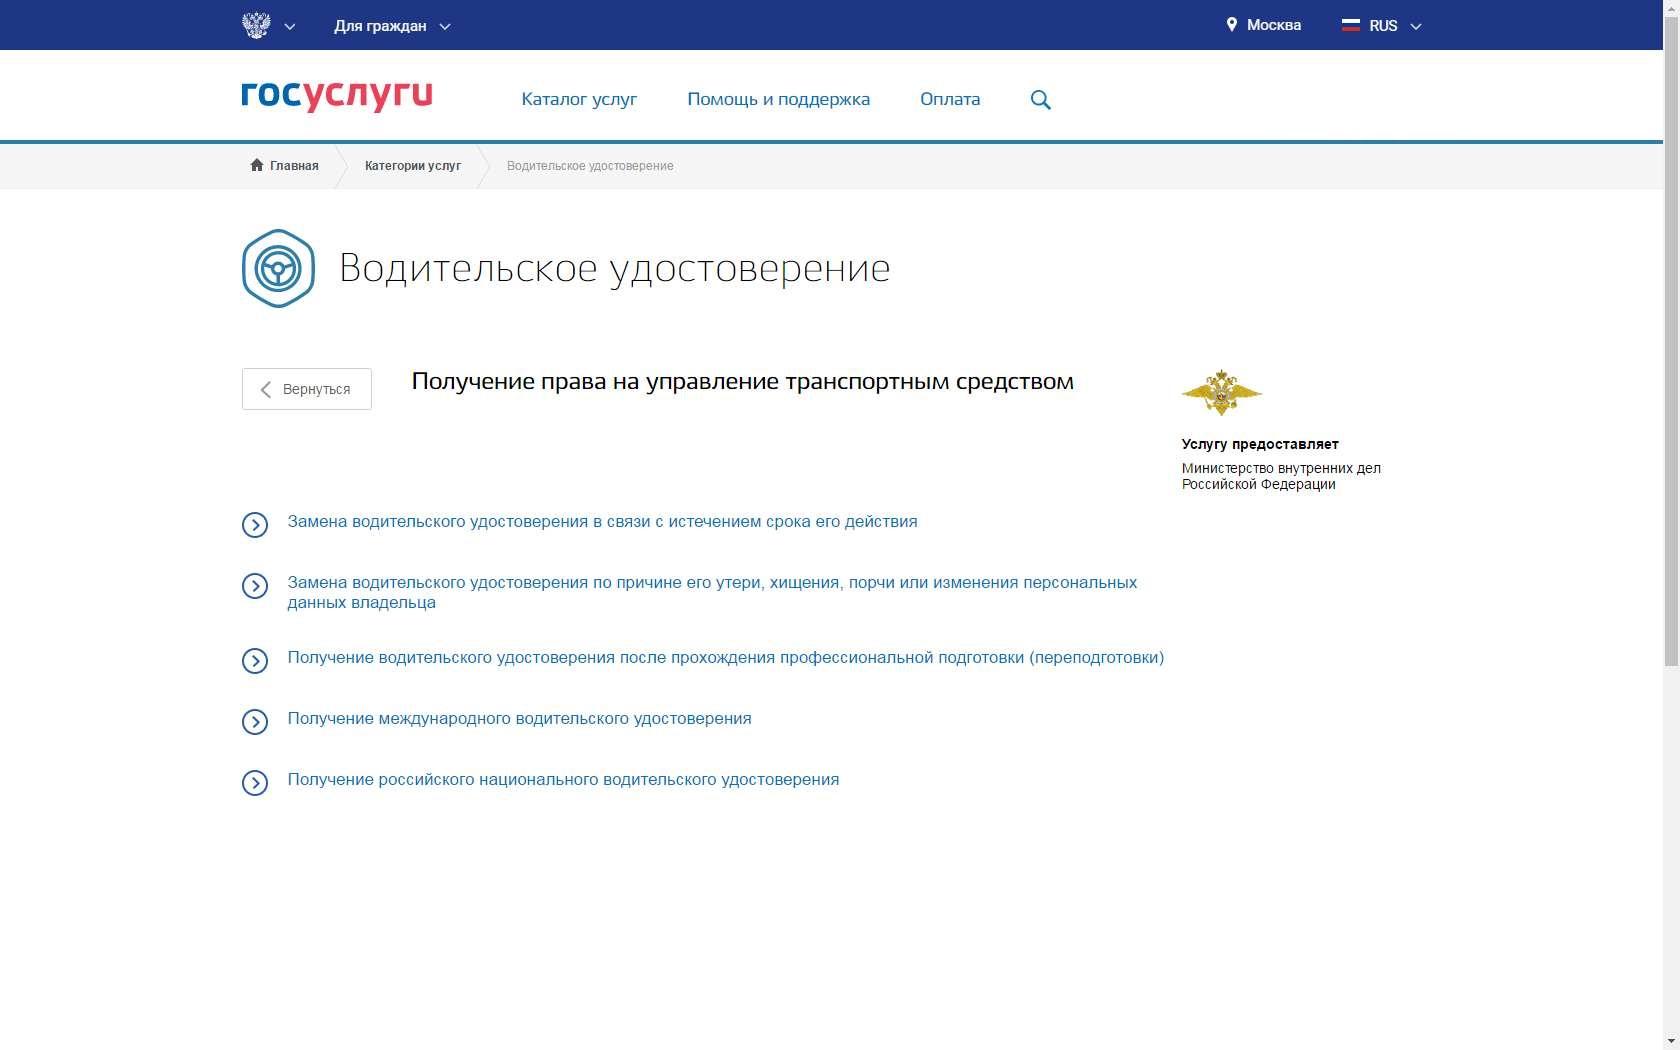 Сайт Госуслуг, выбор услуги получения права на управление транспортным средством (водительского удостоверения) в ГИБДД